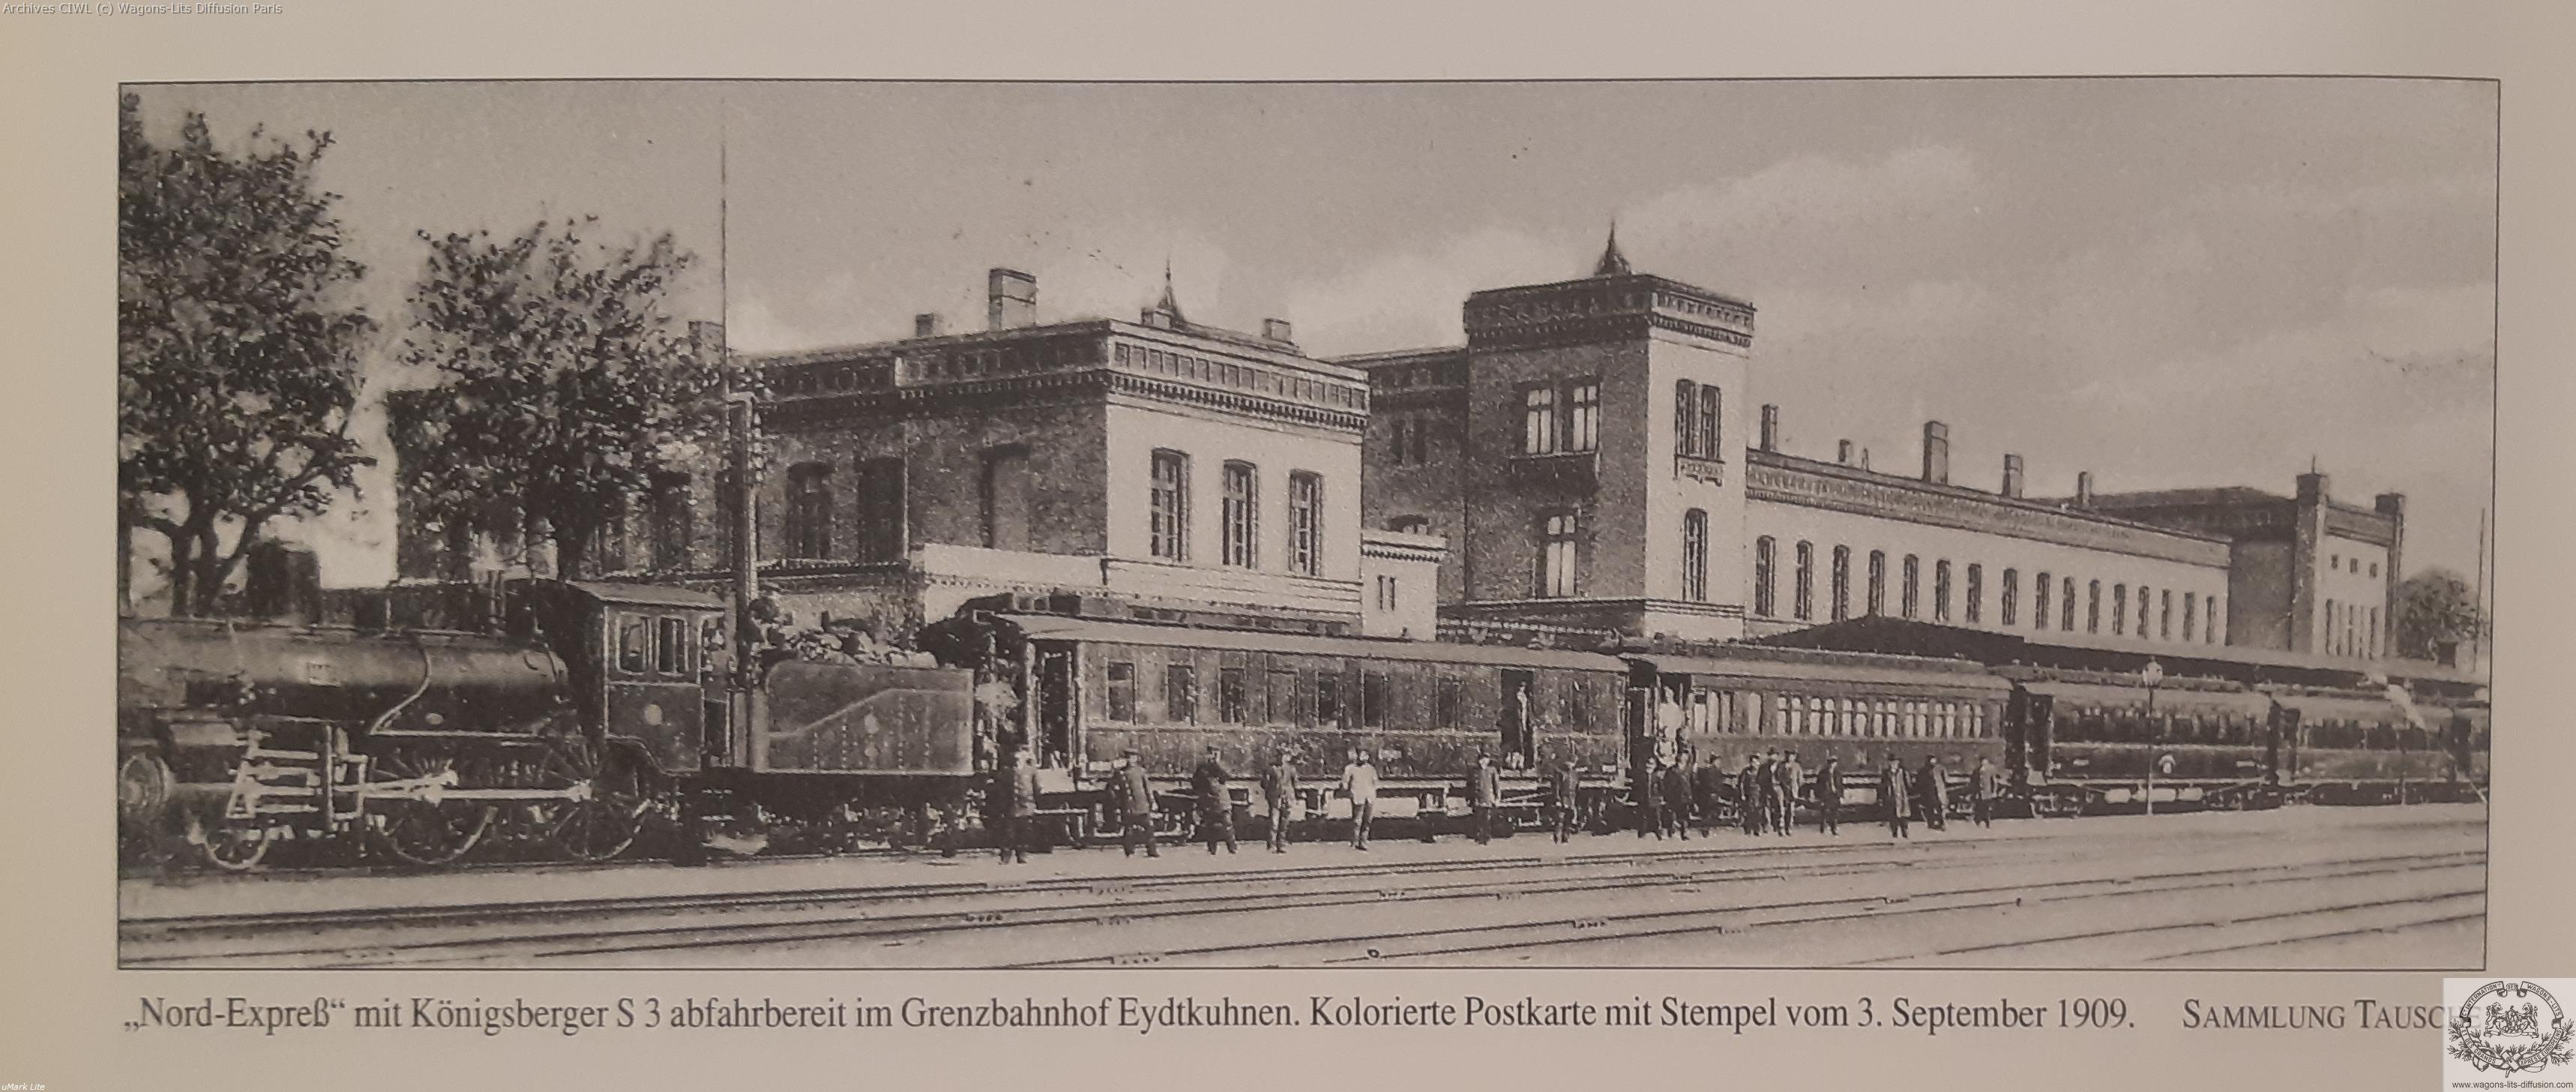 Wl nord express gare de grenz en 1909